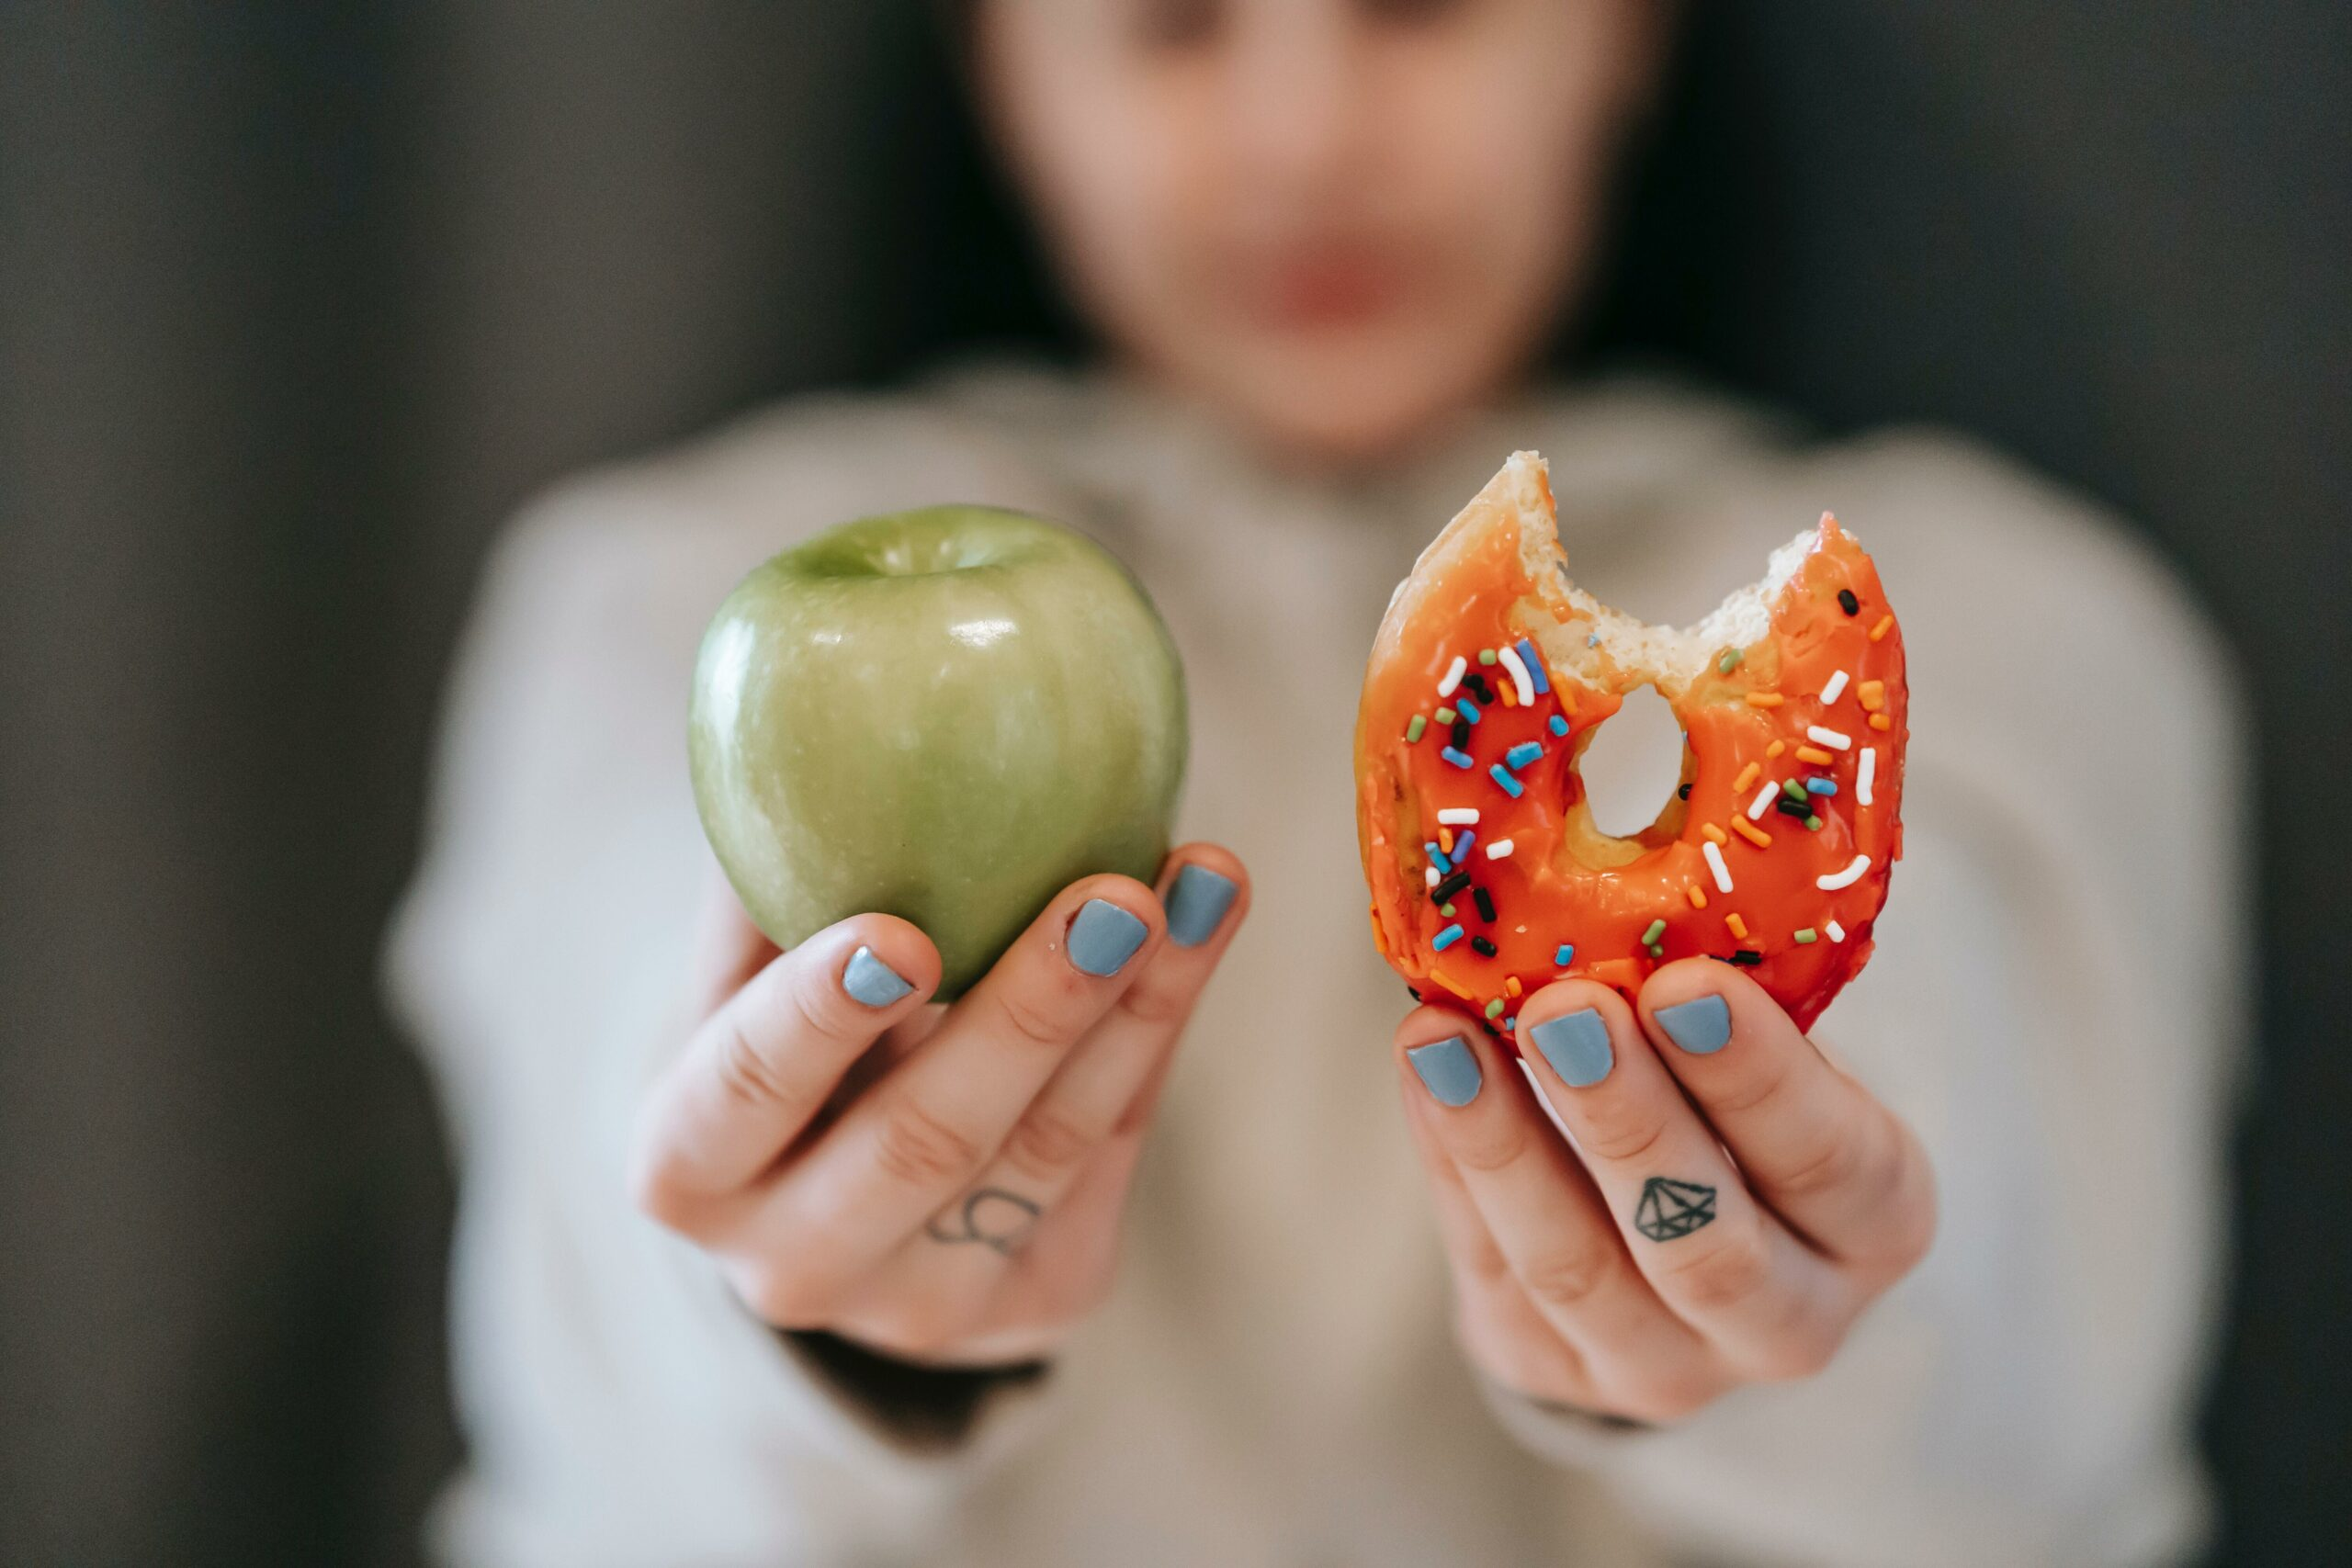 gezondheidsongelijkheid_gezond_ongezond_voeding